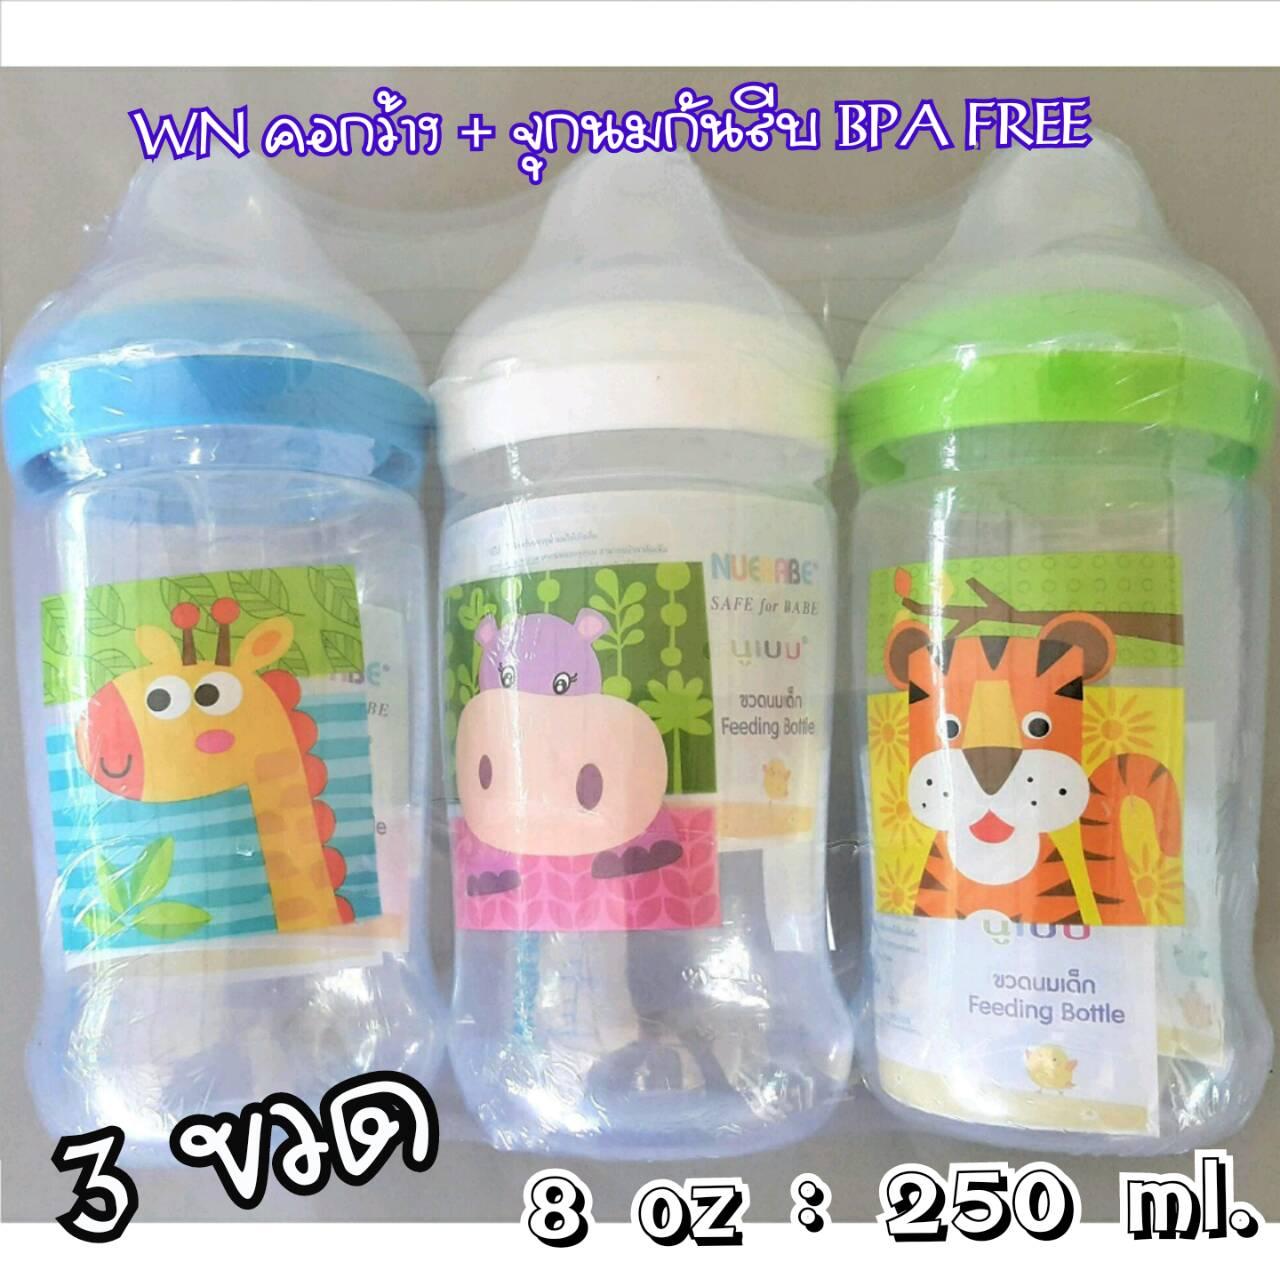 ขวดนม คอกว้าง (3 ขวด) 8oz (250ml) พร้อมจุกนมกันลีบ